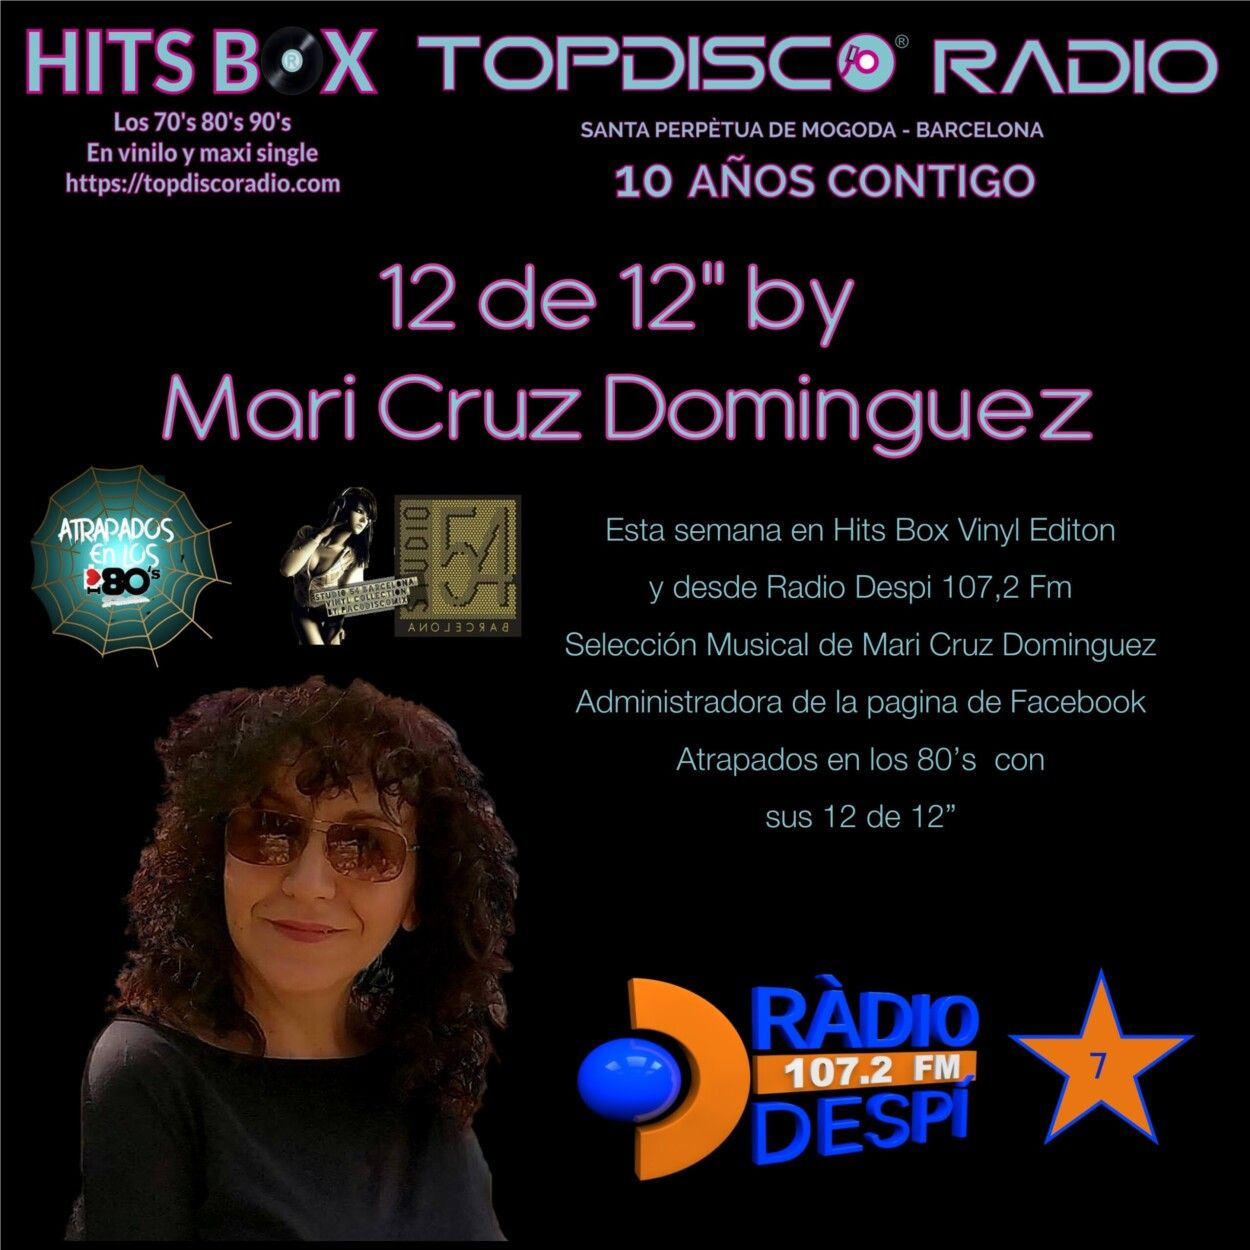 12 de 12 Mari Cruz Dominguez Atrapados en los 80s - Topdisco Radio - Hits Box - Radio Despi